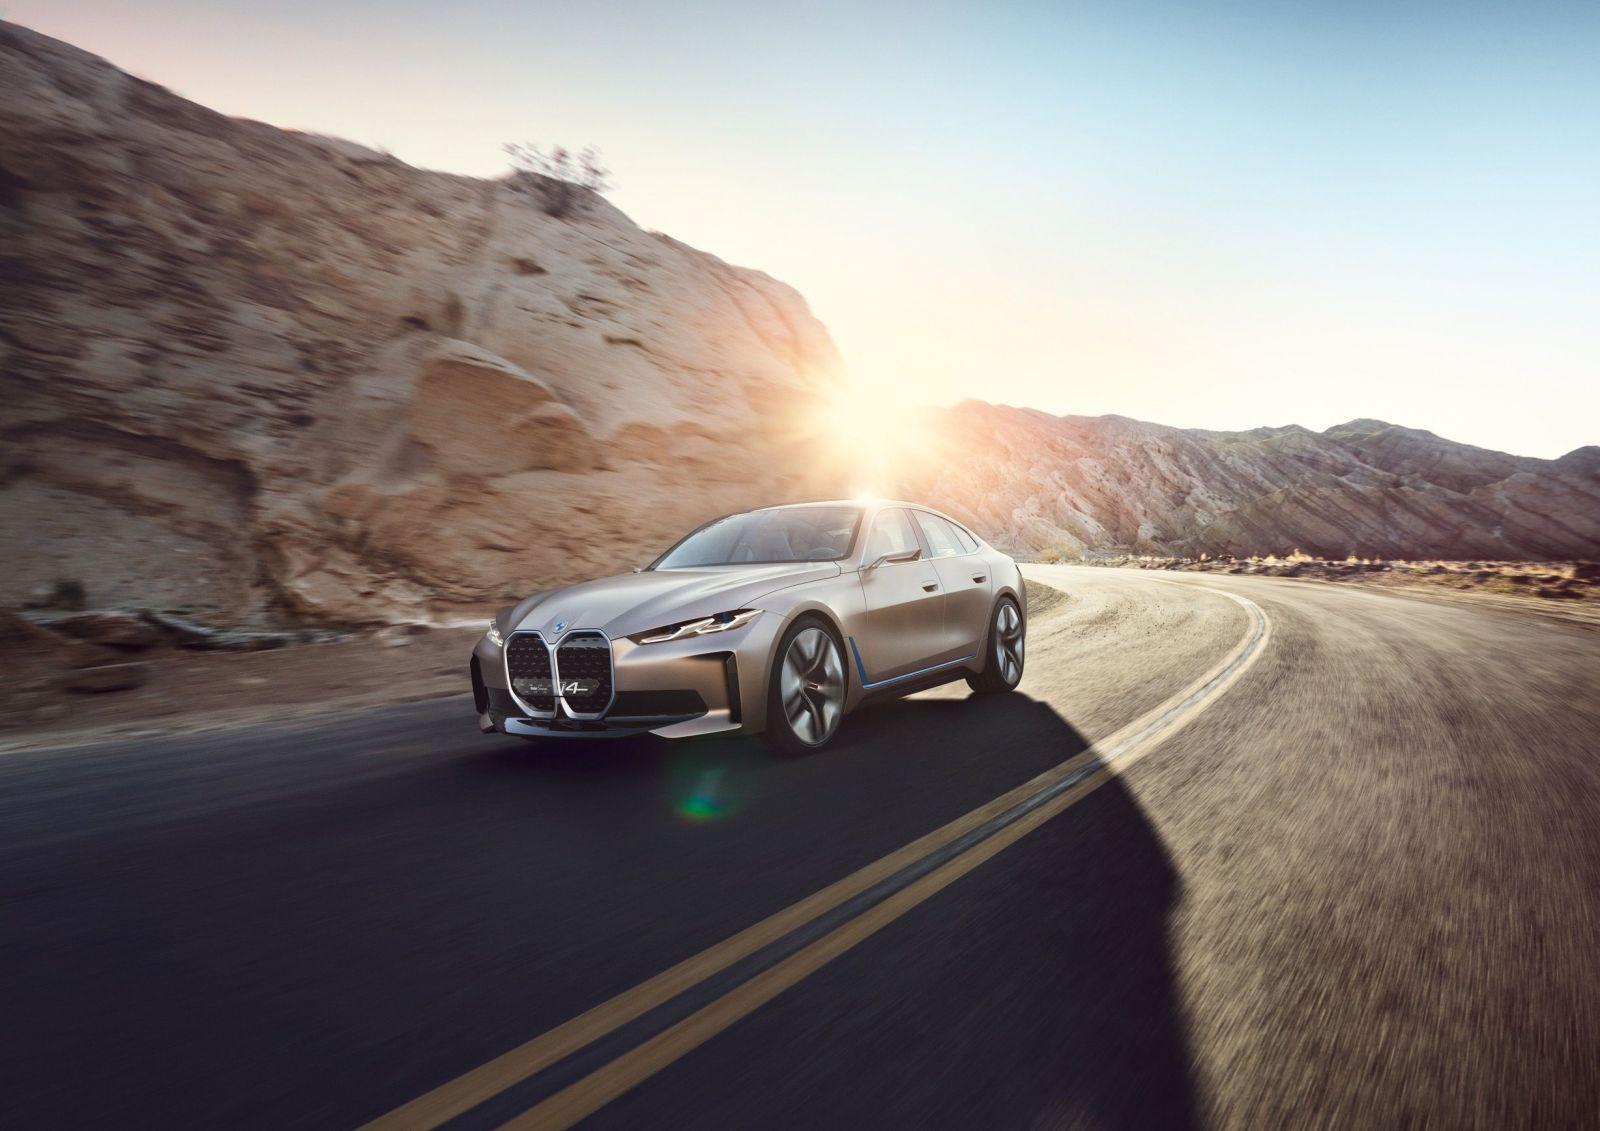 BMW štúdiou i4 ukazuje nielen nové logo, ale i elektromobil s dojazdom až 600 kilometrov